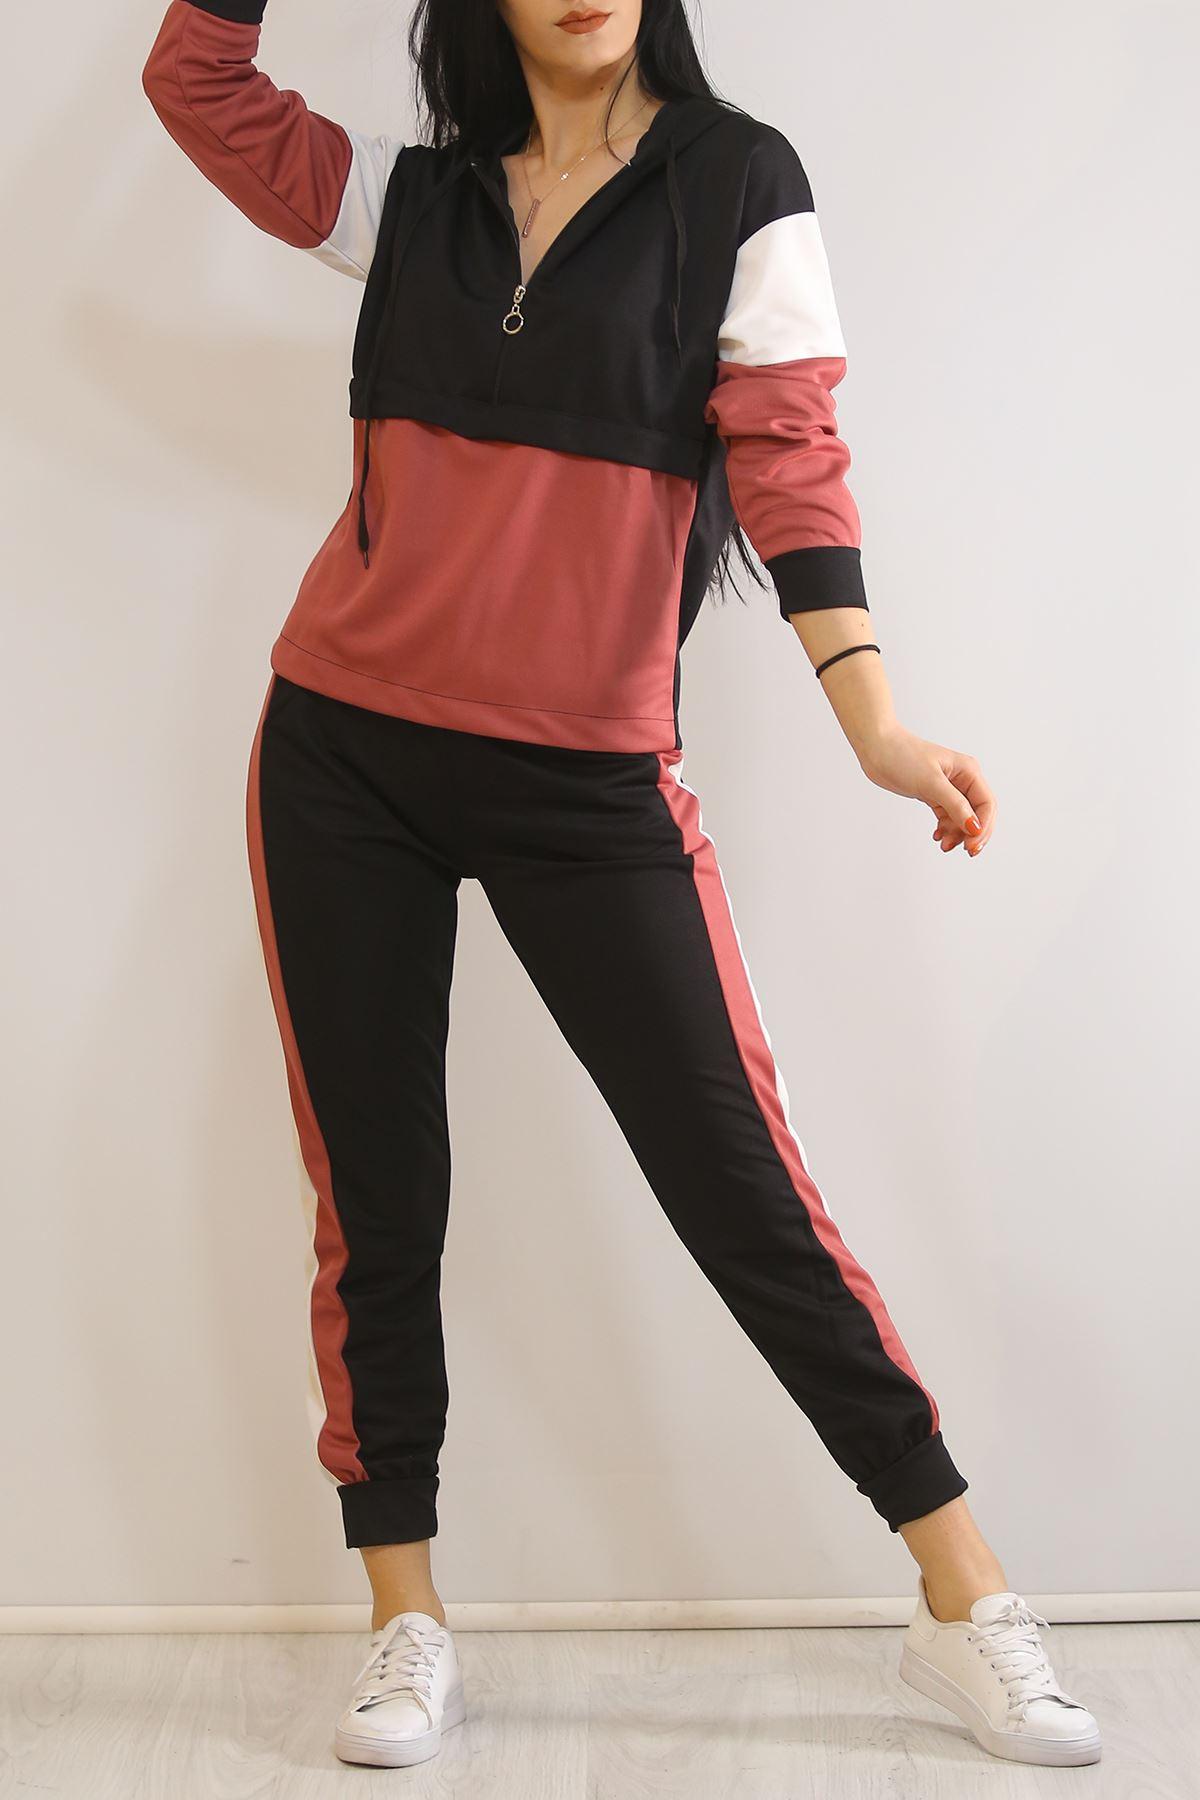 Kadın Eşofman Takımı Siyahpembe - 5325.1286. Toptan